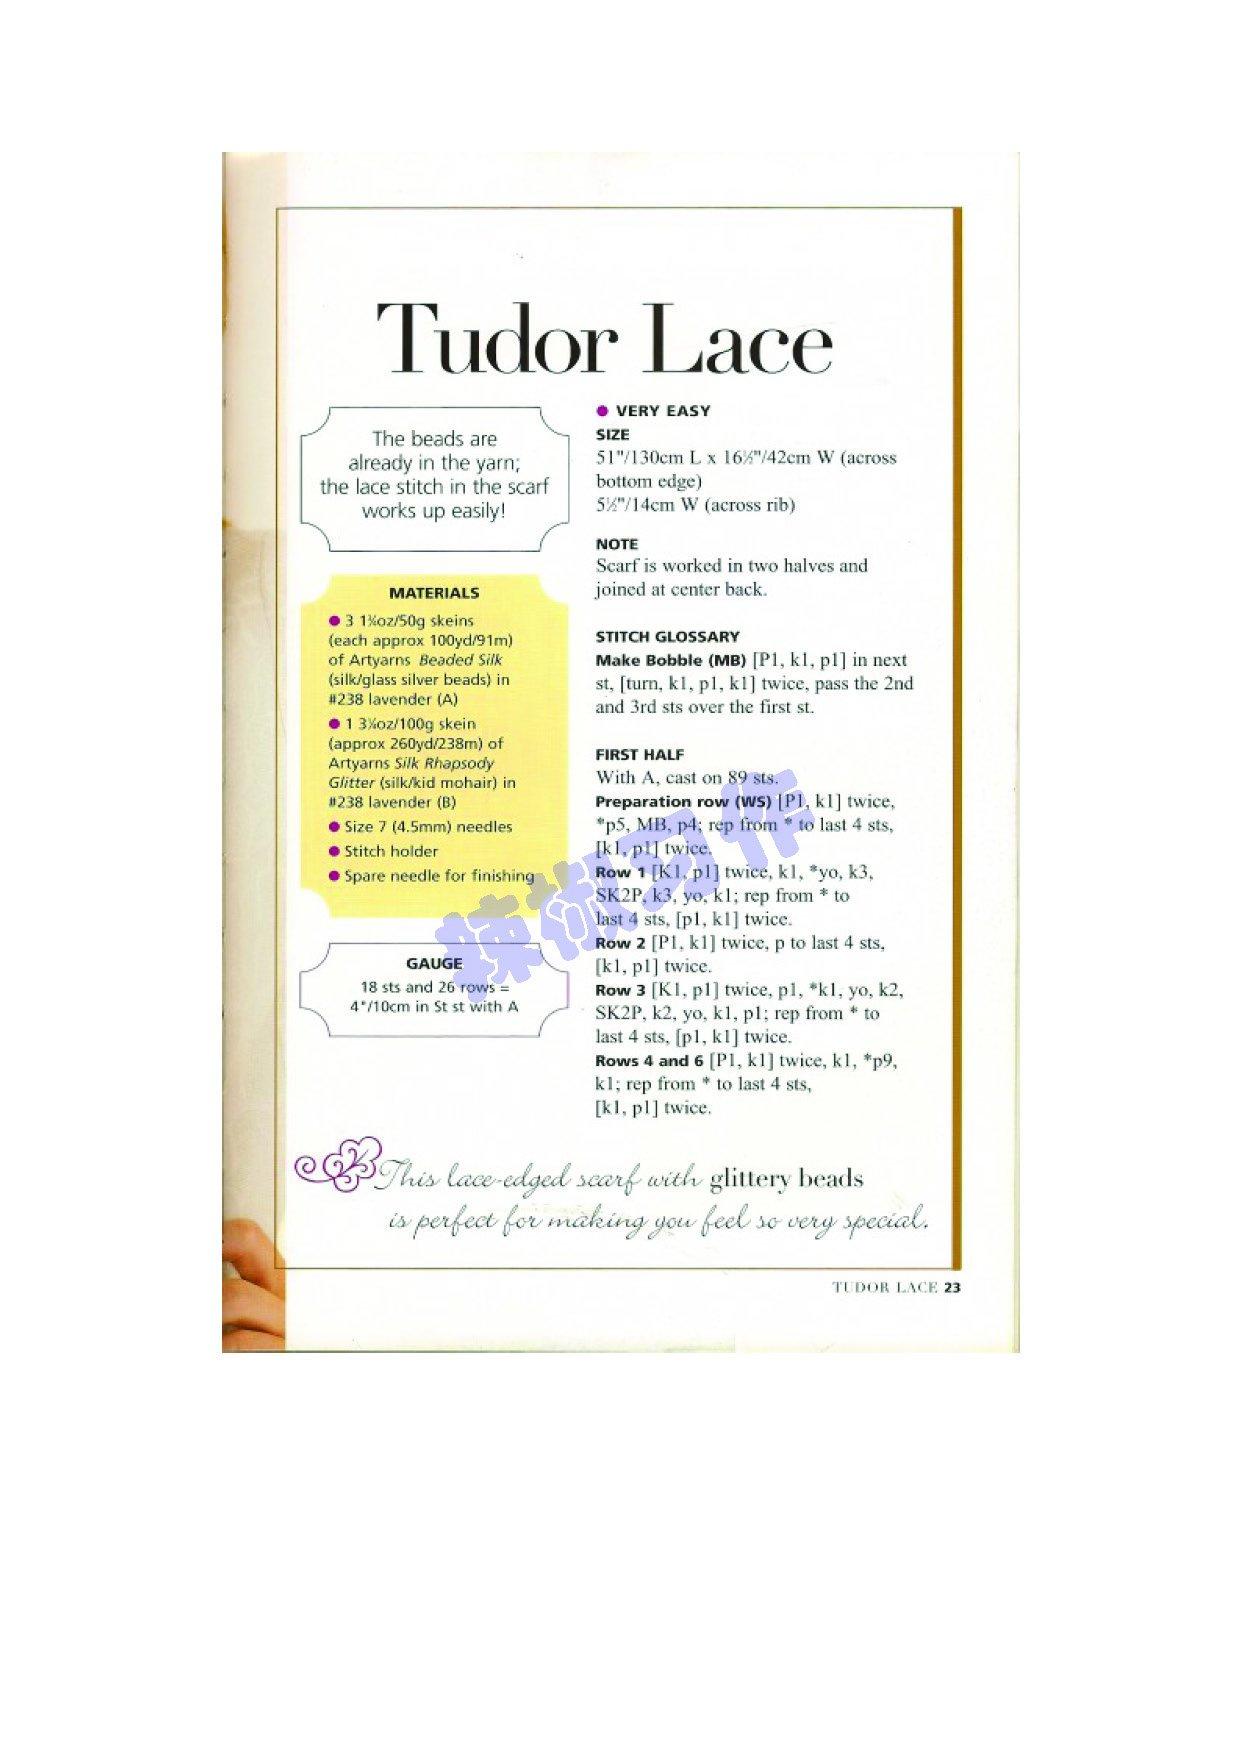 Tudor Lace(定稿)_页面_03.jpg